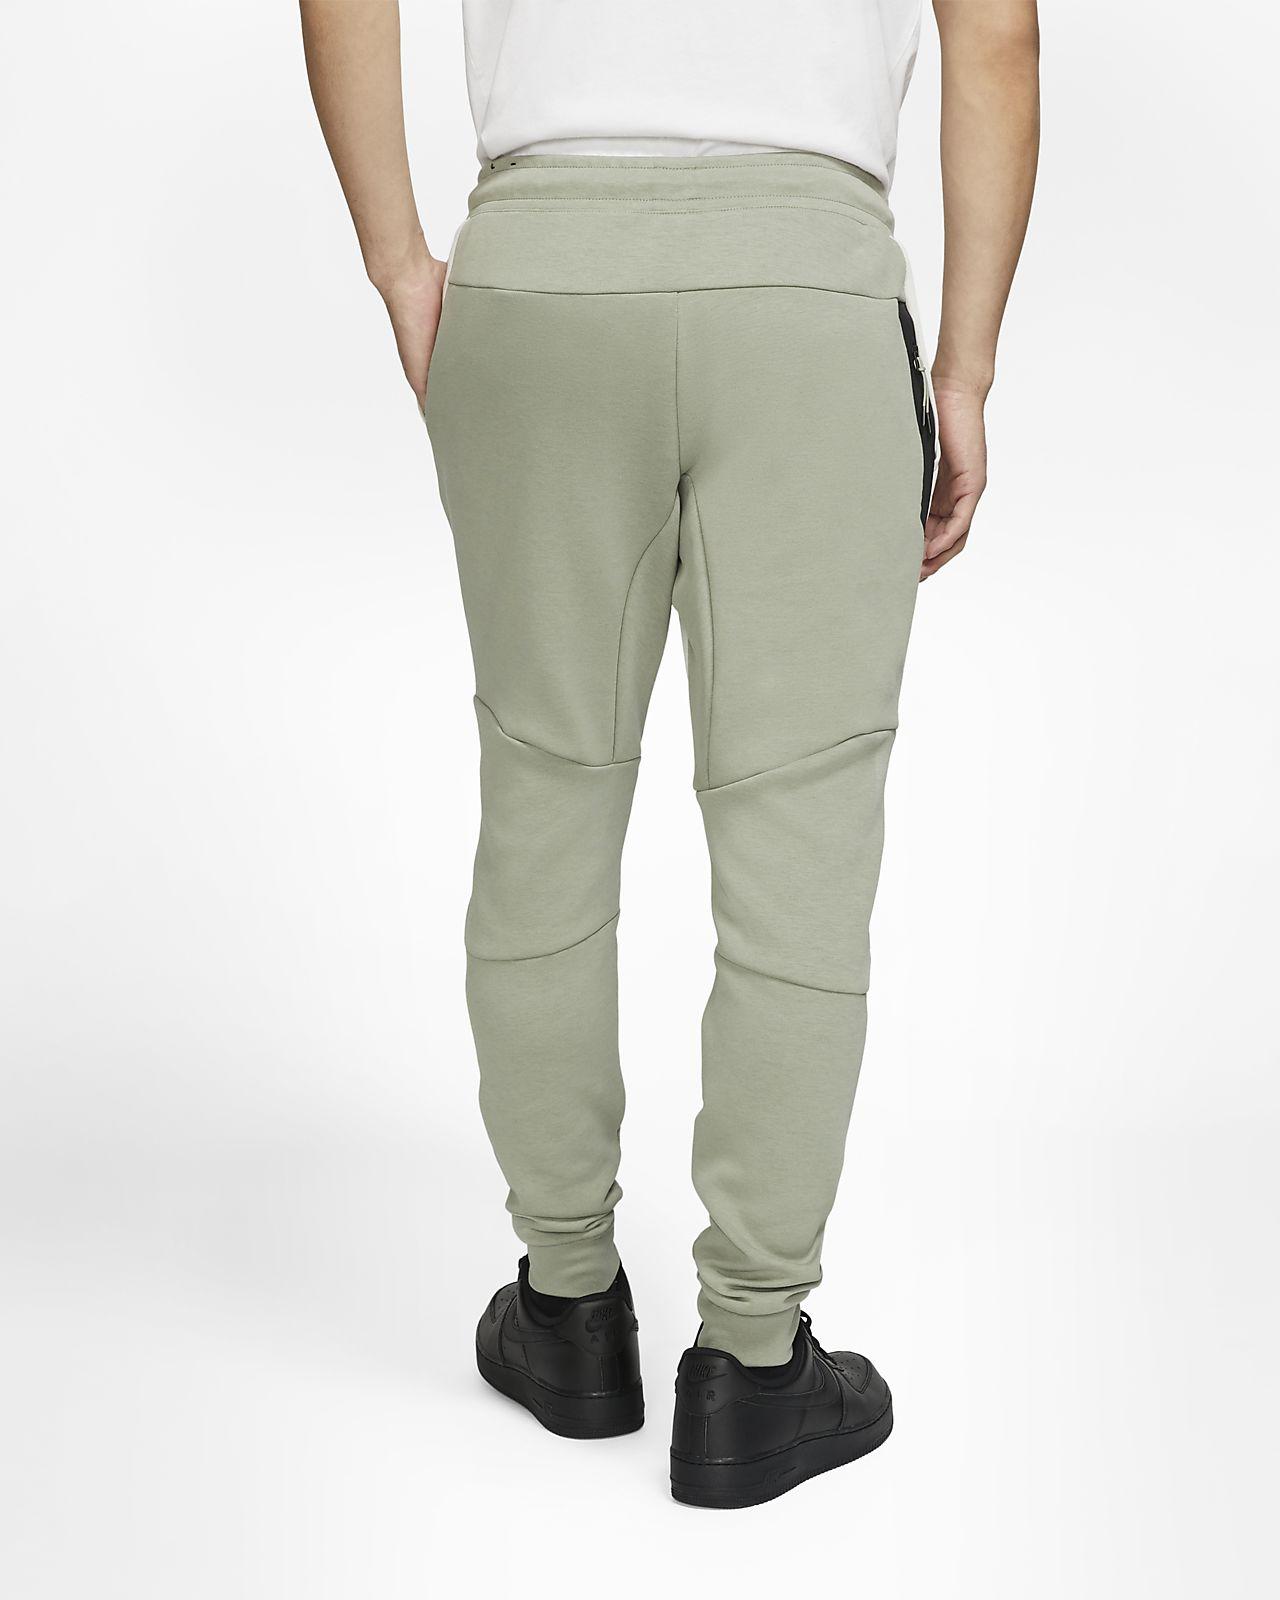 0bb805bba9cc0 Pantalon de jogging Nike Sportswear Tech Fleece pour Homme. Nike.com FR